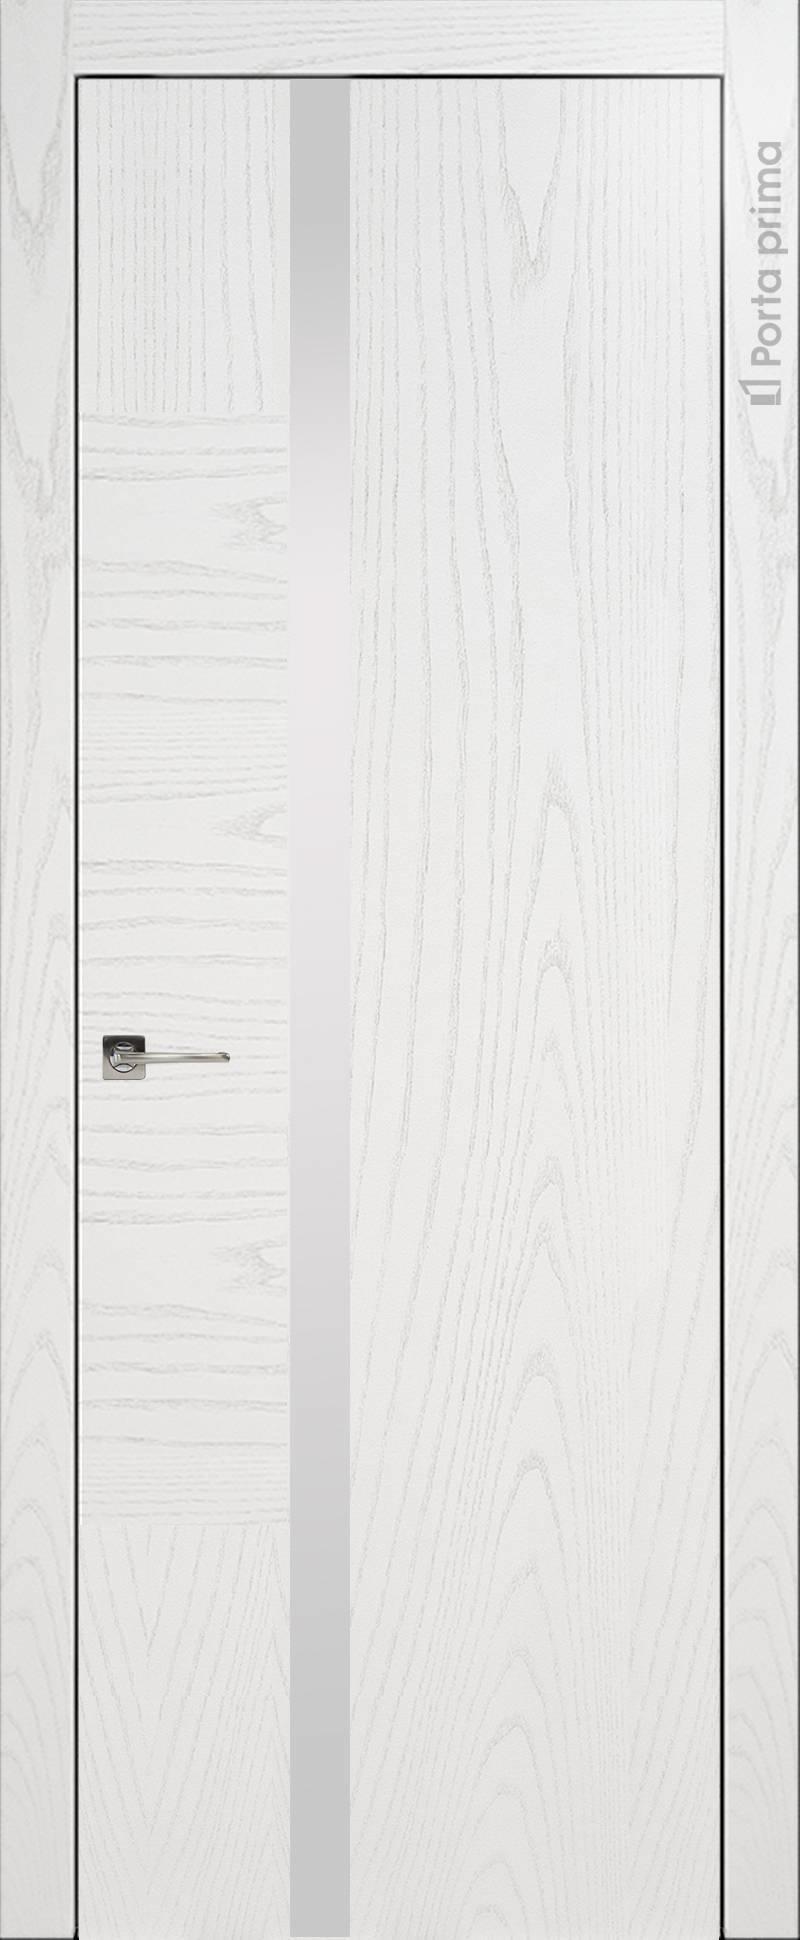 Tivoli Д-1 цвет - Белый ясень (шпон) Без стекла (ДГ)